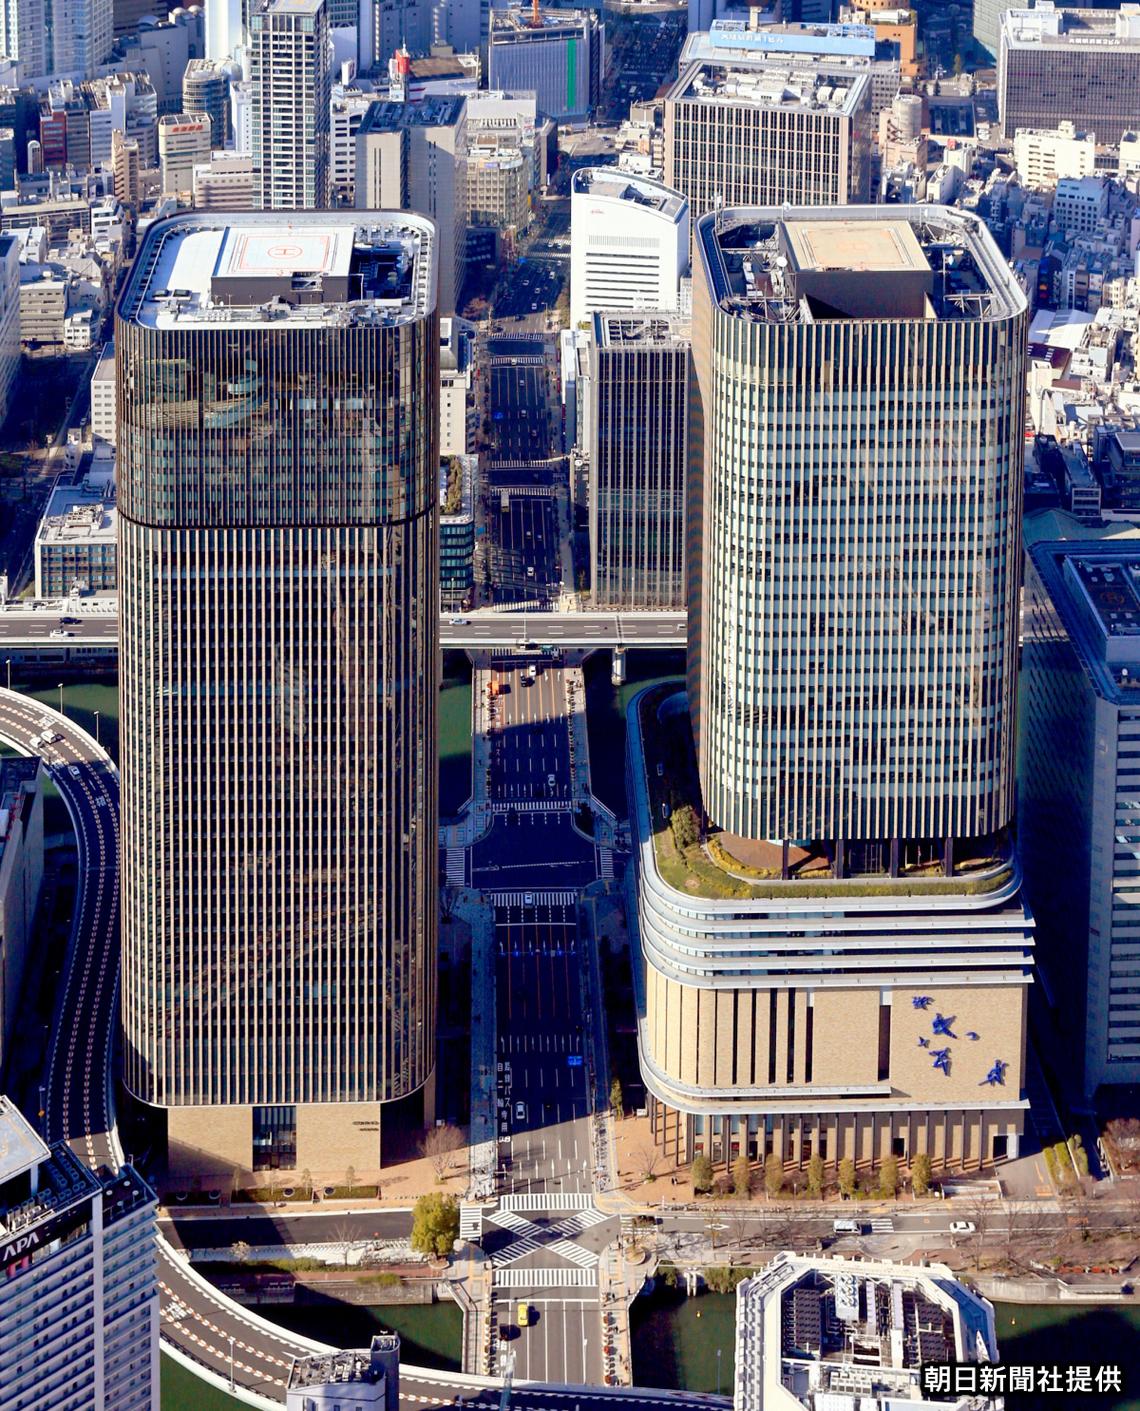 大阪・中之島に完成した超高層ツインタワー「フェスティバルシティ」